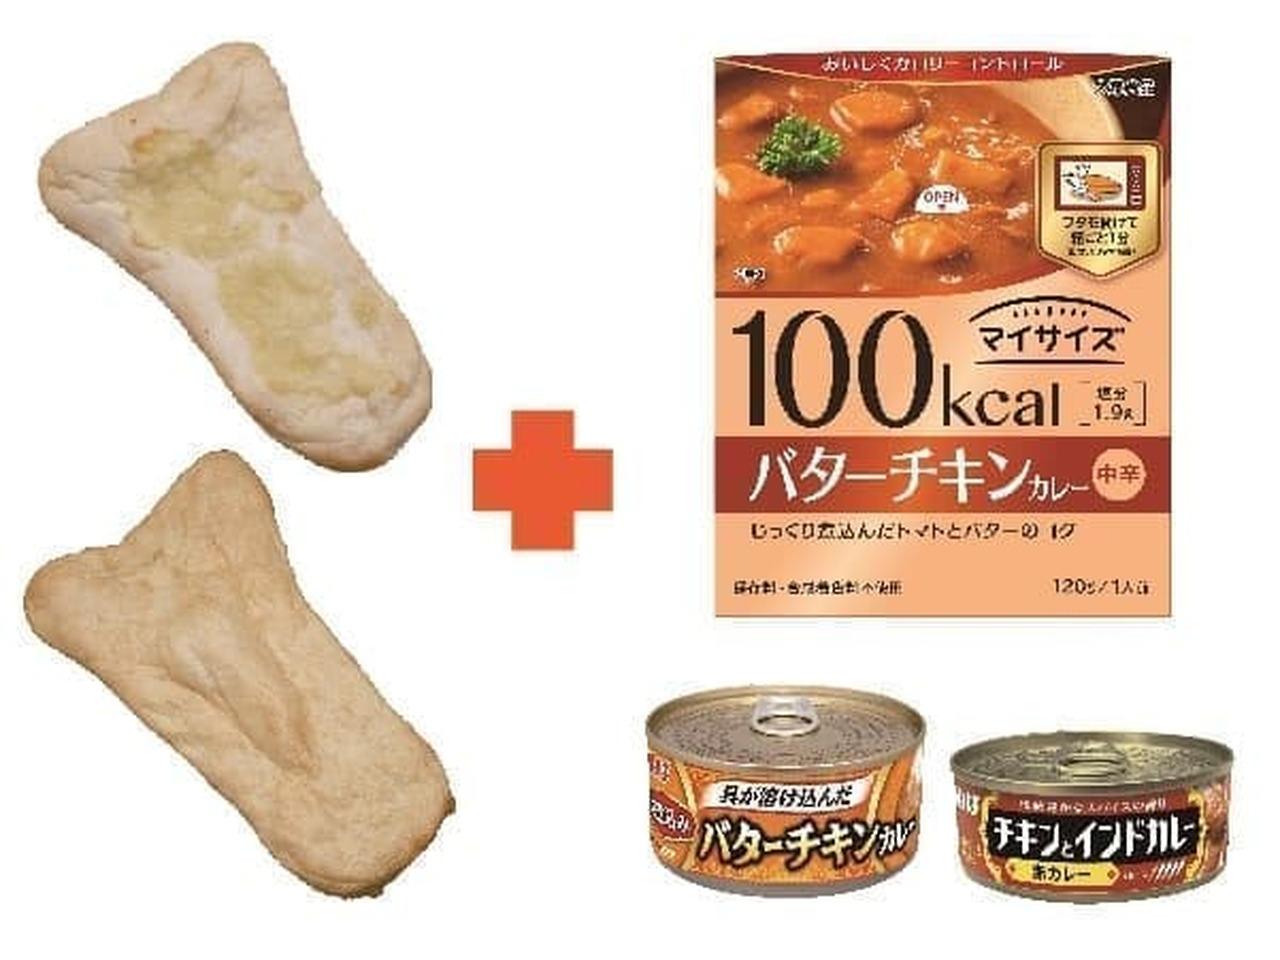 ローソンストア100「VLチーズナン」